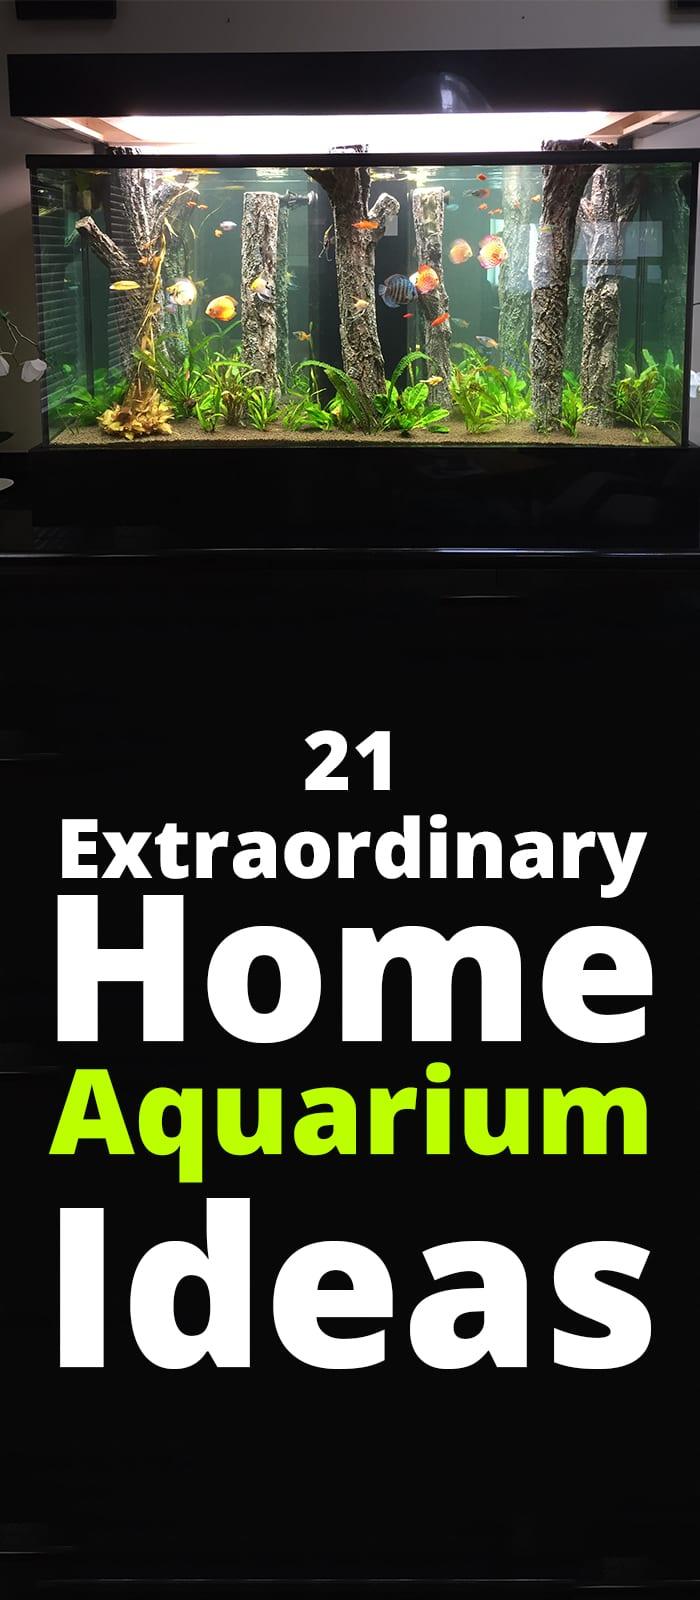 Extraordinary Home Aquarium Ideas